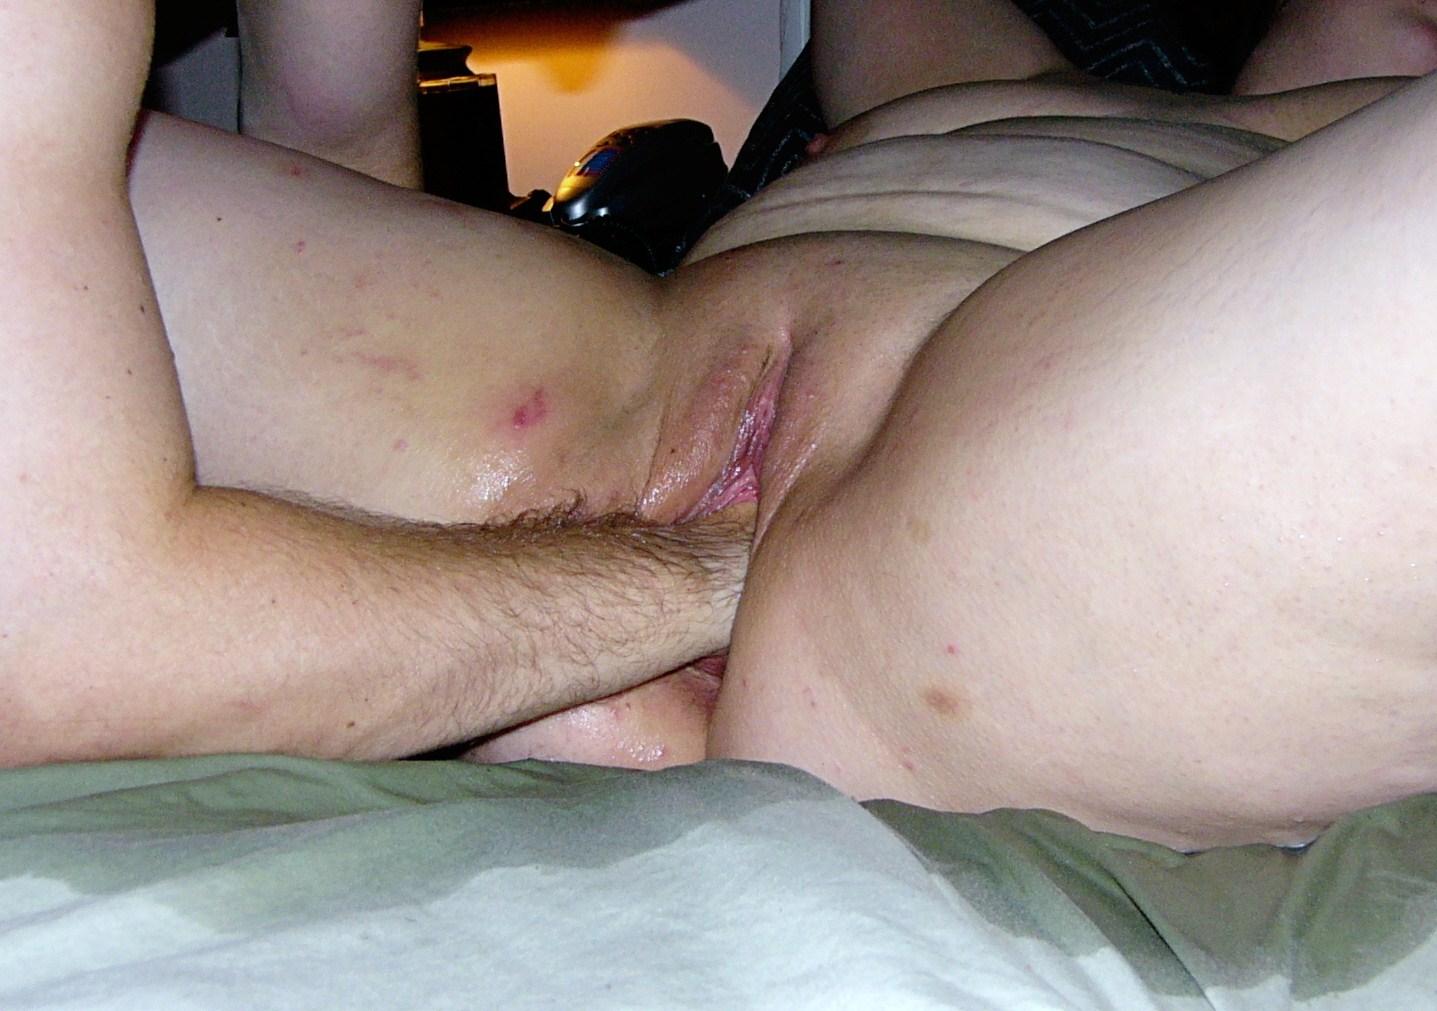 Pyle driver sex position